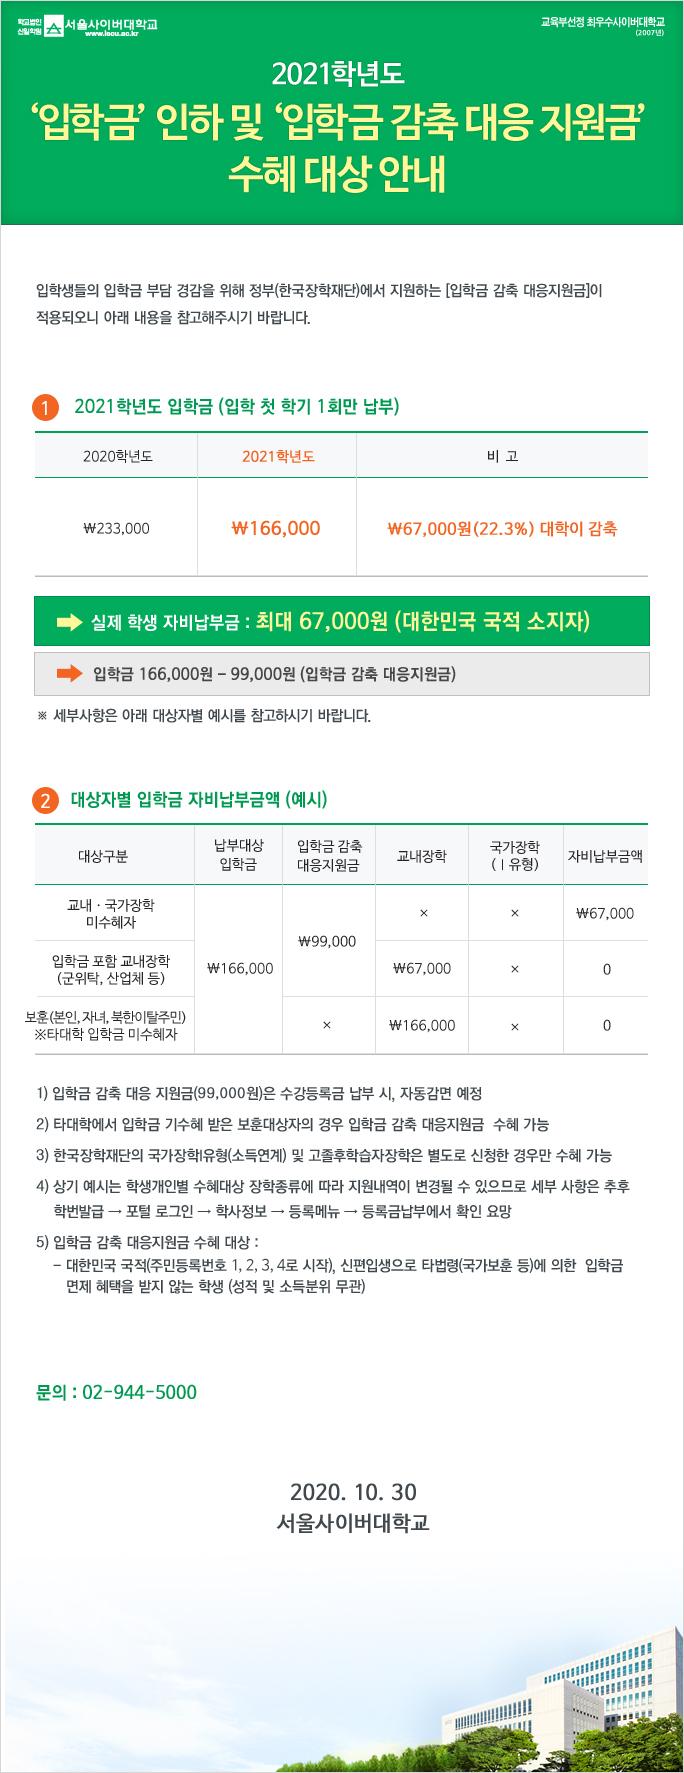 2021학년도 '입학금' 인하 및 입학금 감축 대응 지원금 수혜 대상 안내